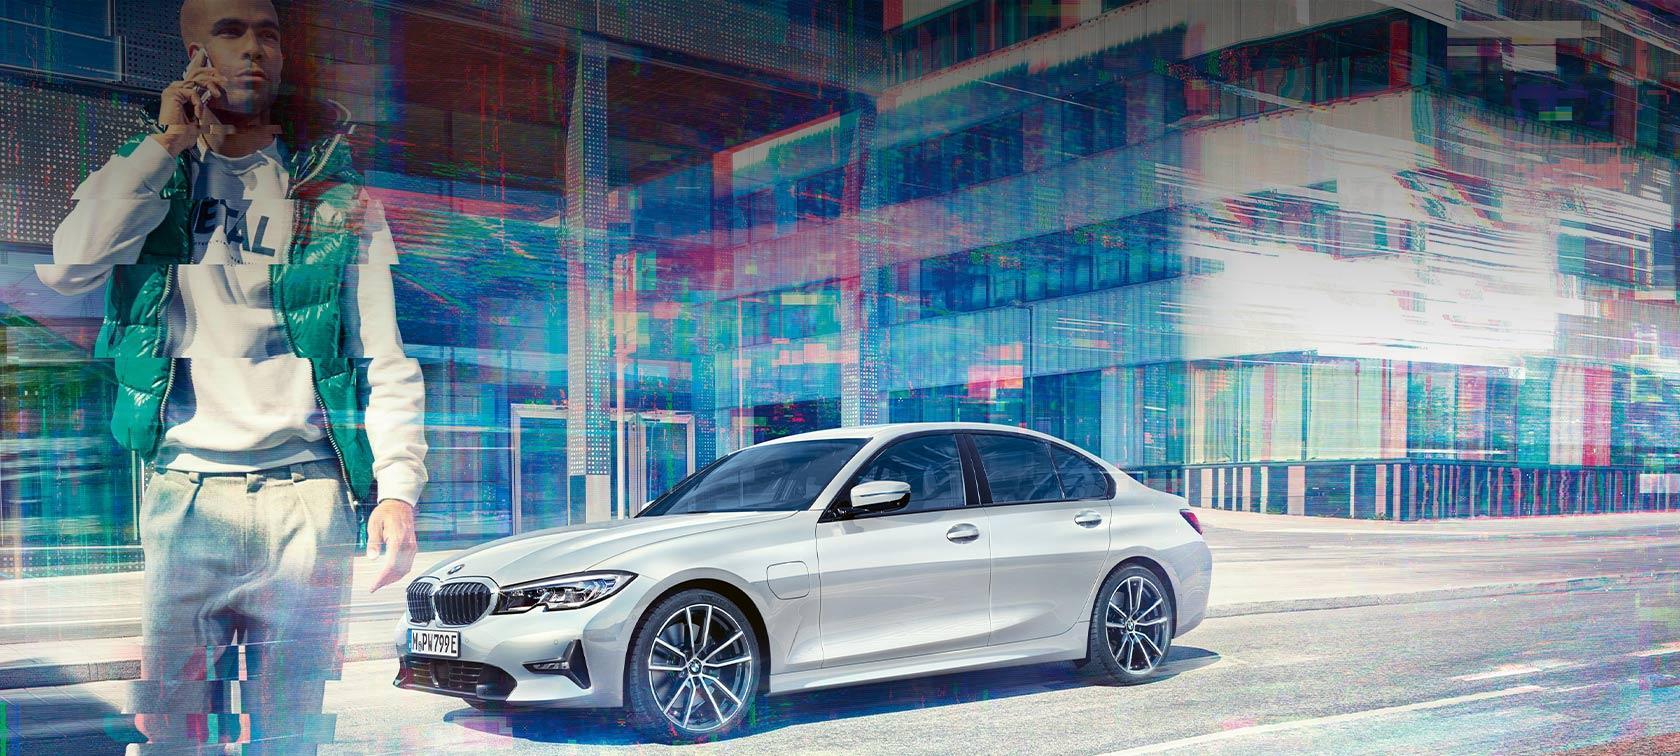 BMW Besteuerung